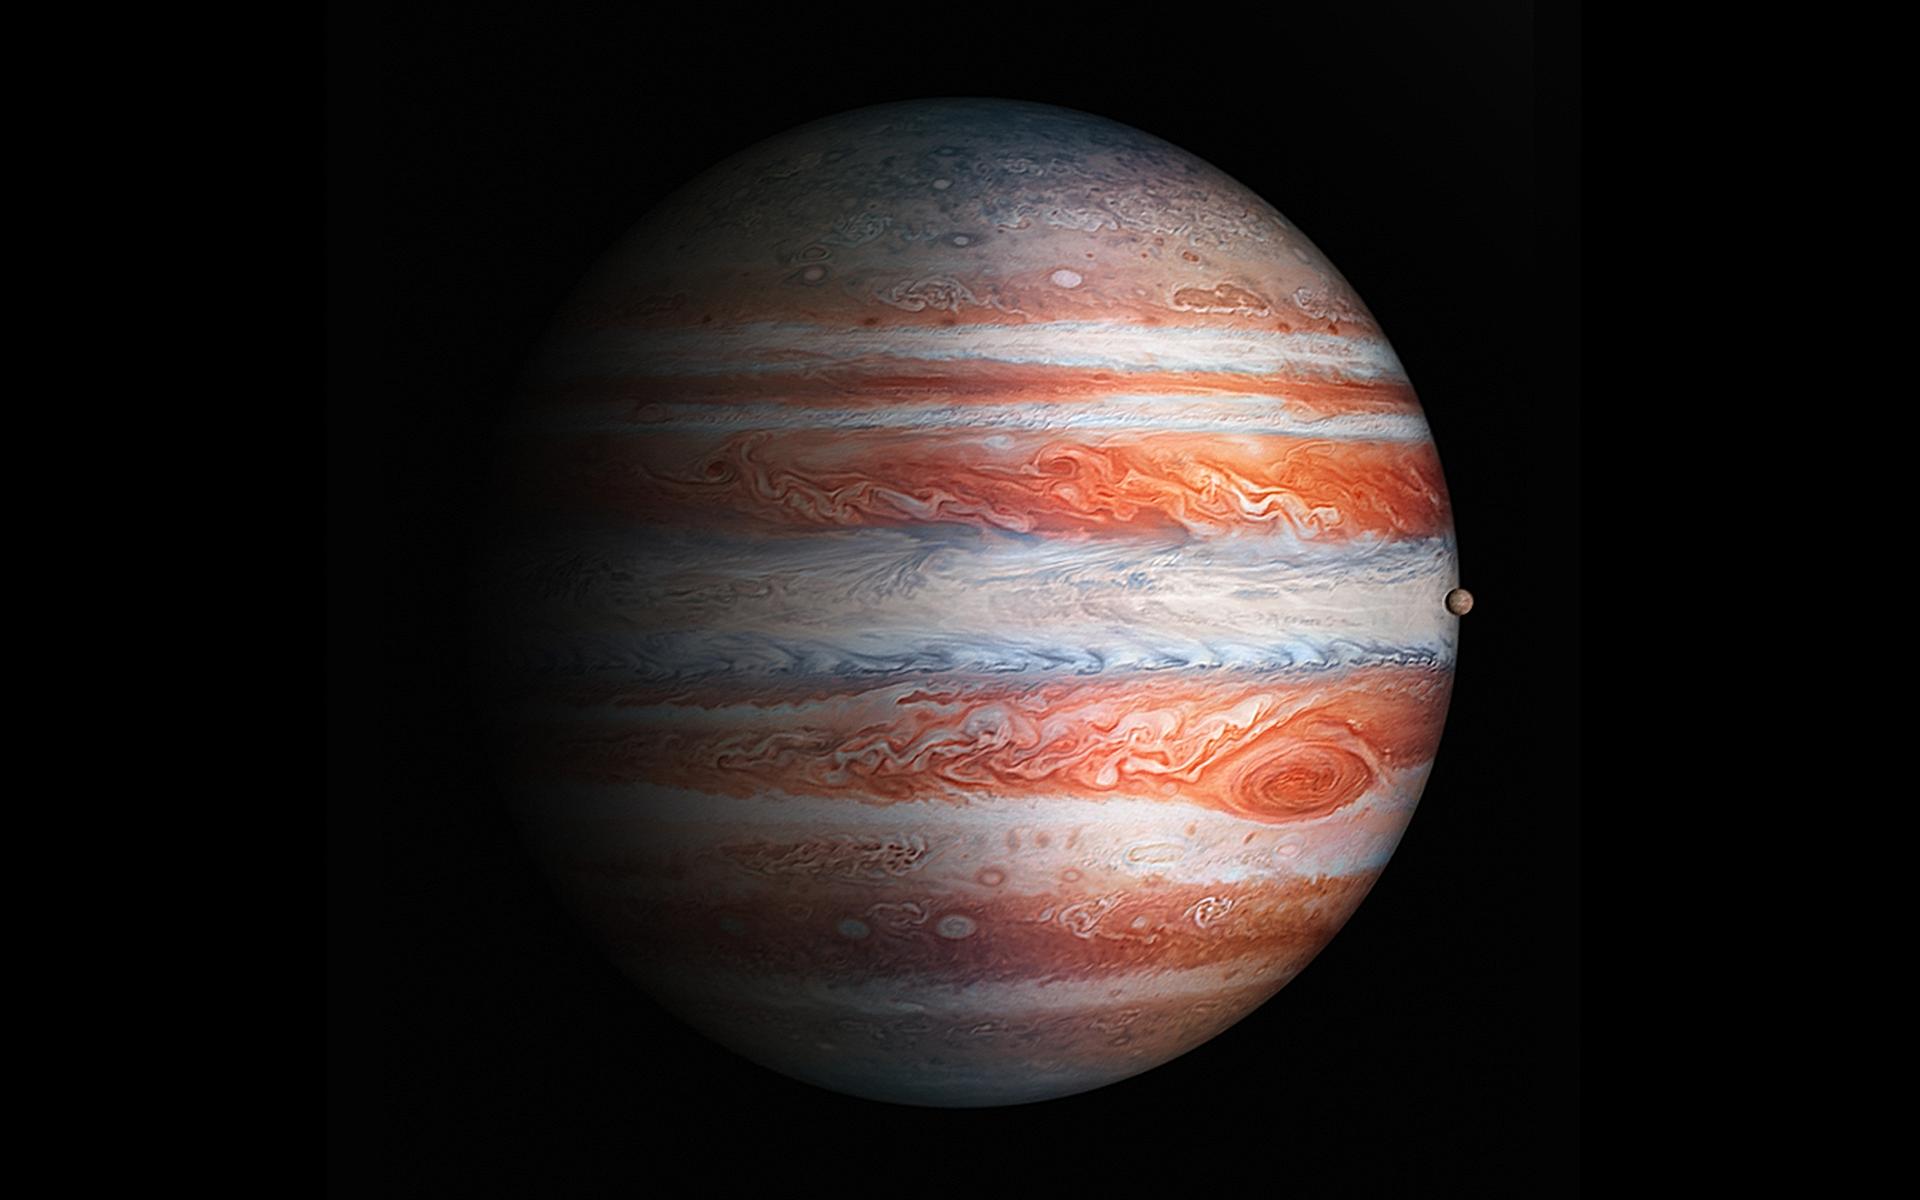 Download iPad Pro Jupiter Wallpaper 1920x1200